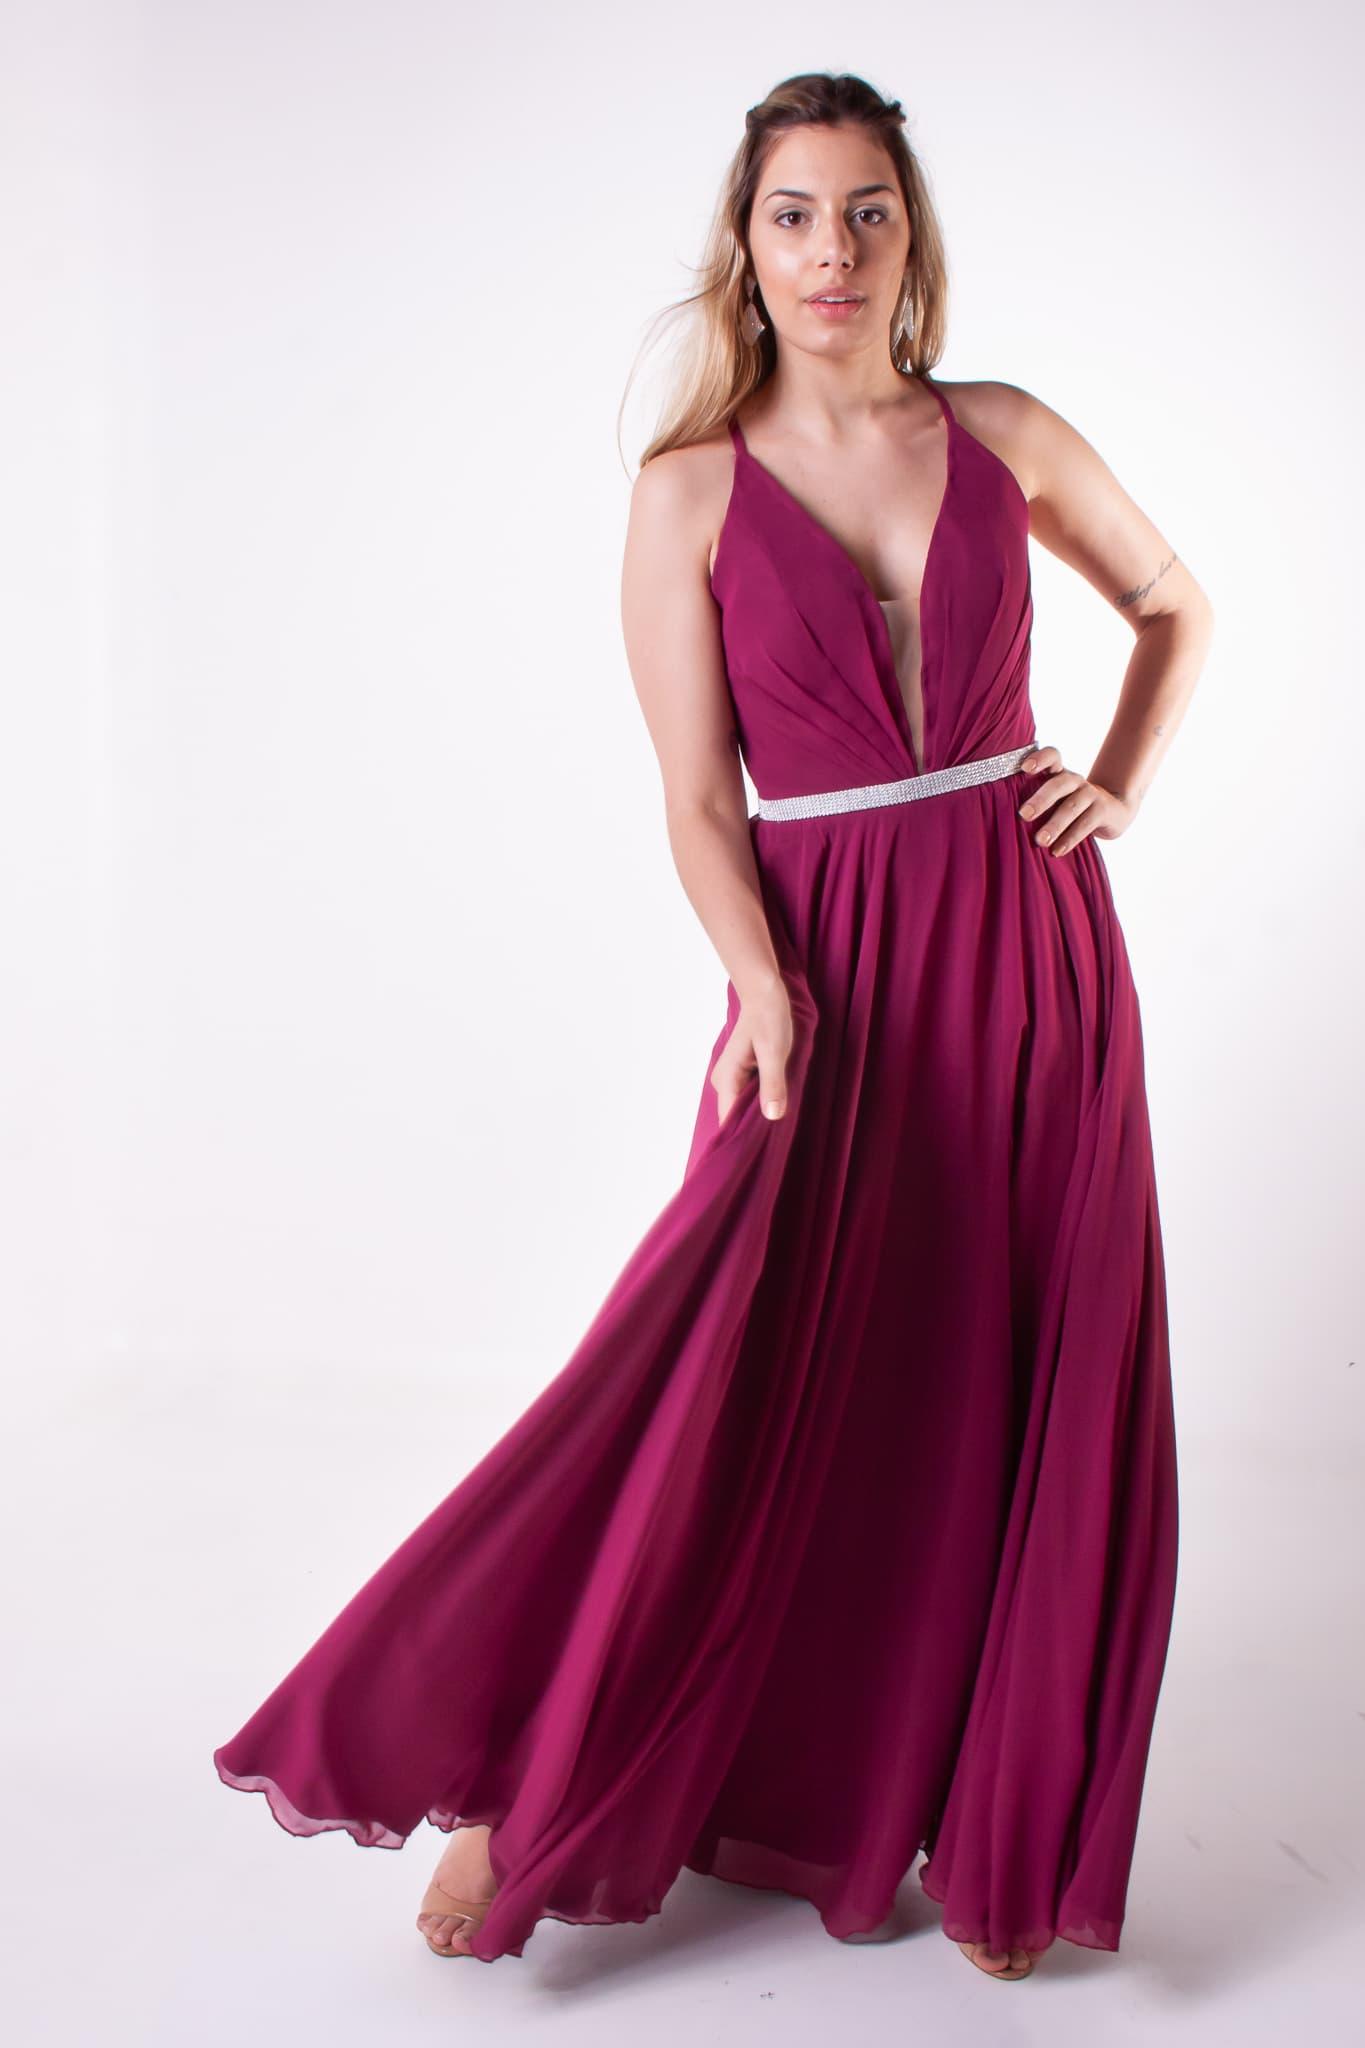 35 - Vestido fúcsia com cintinho - disponível em mais de 8 cores.